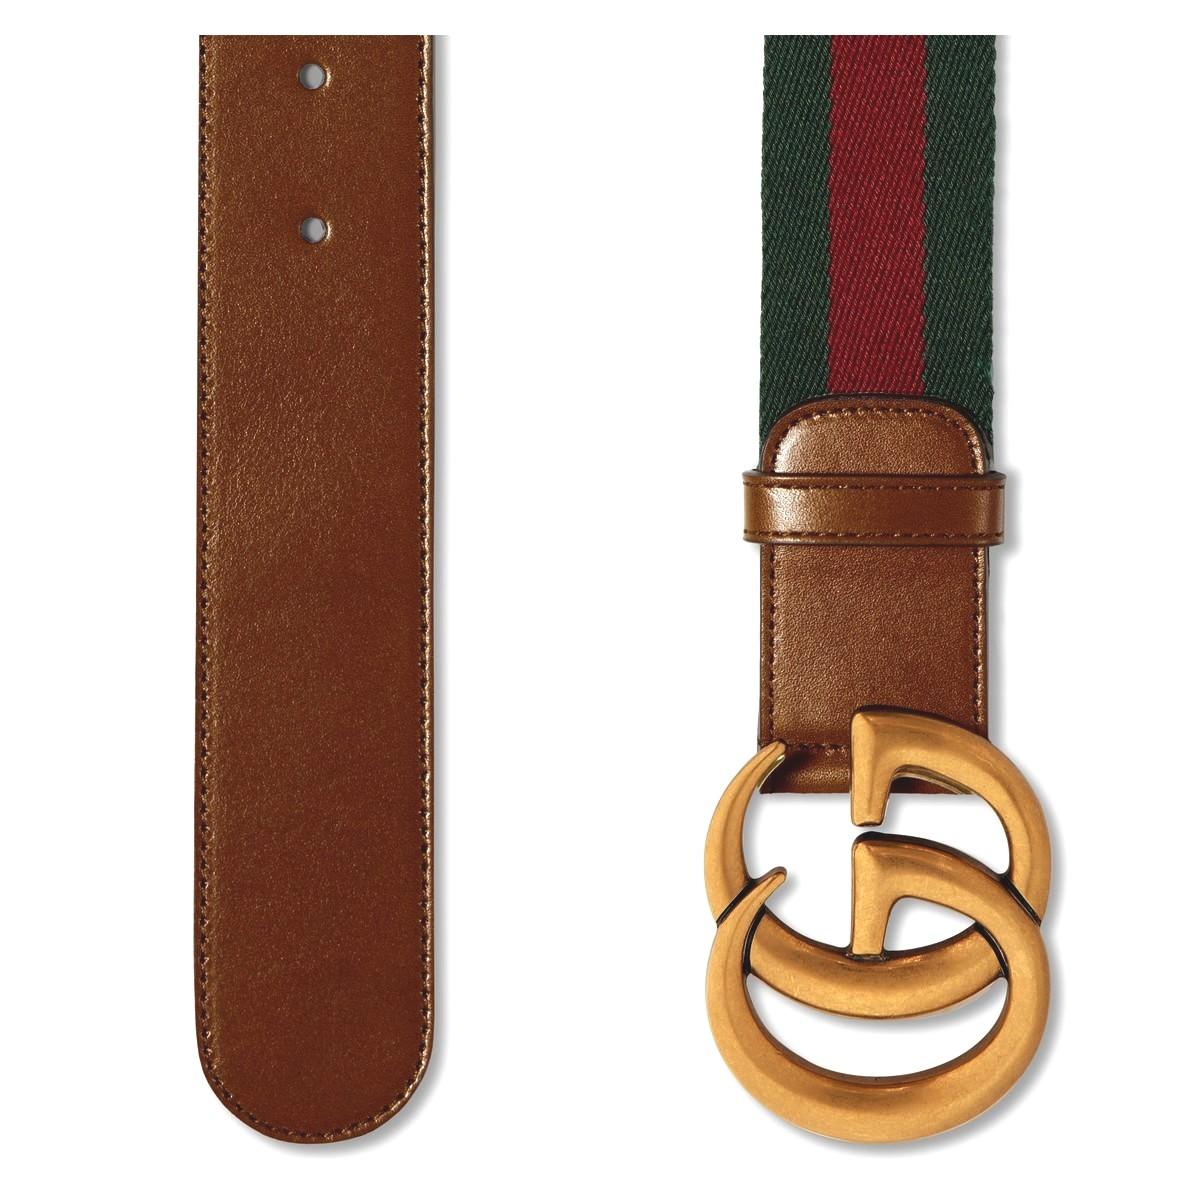 Lựa chọn thắt lưng Gucci phù hợp với tuổi tác và phong cách